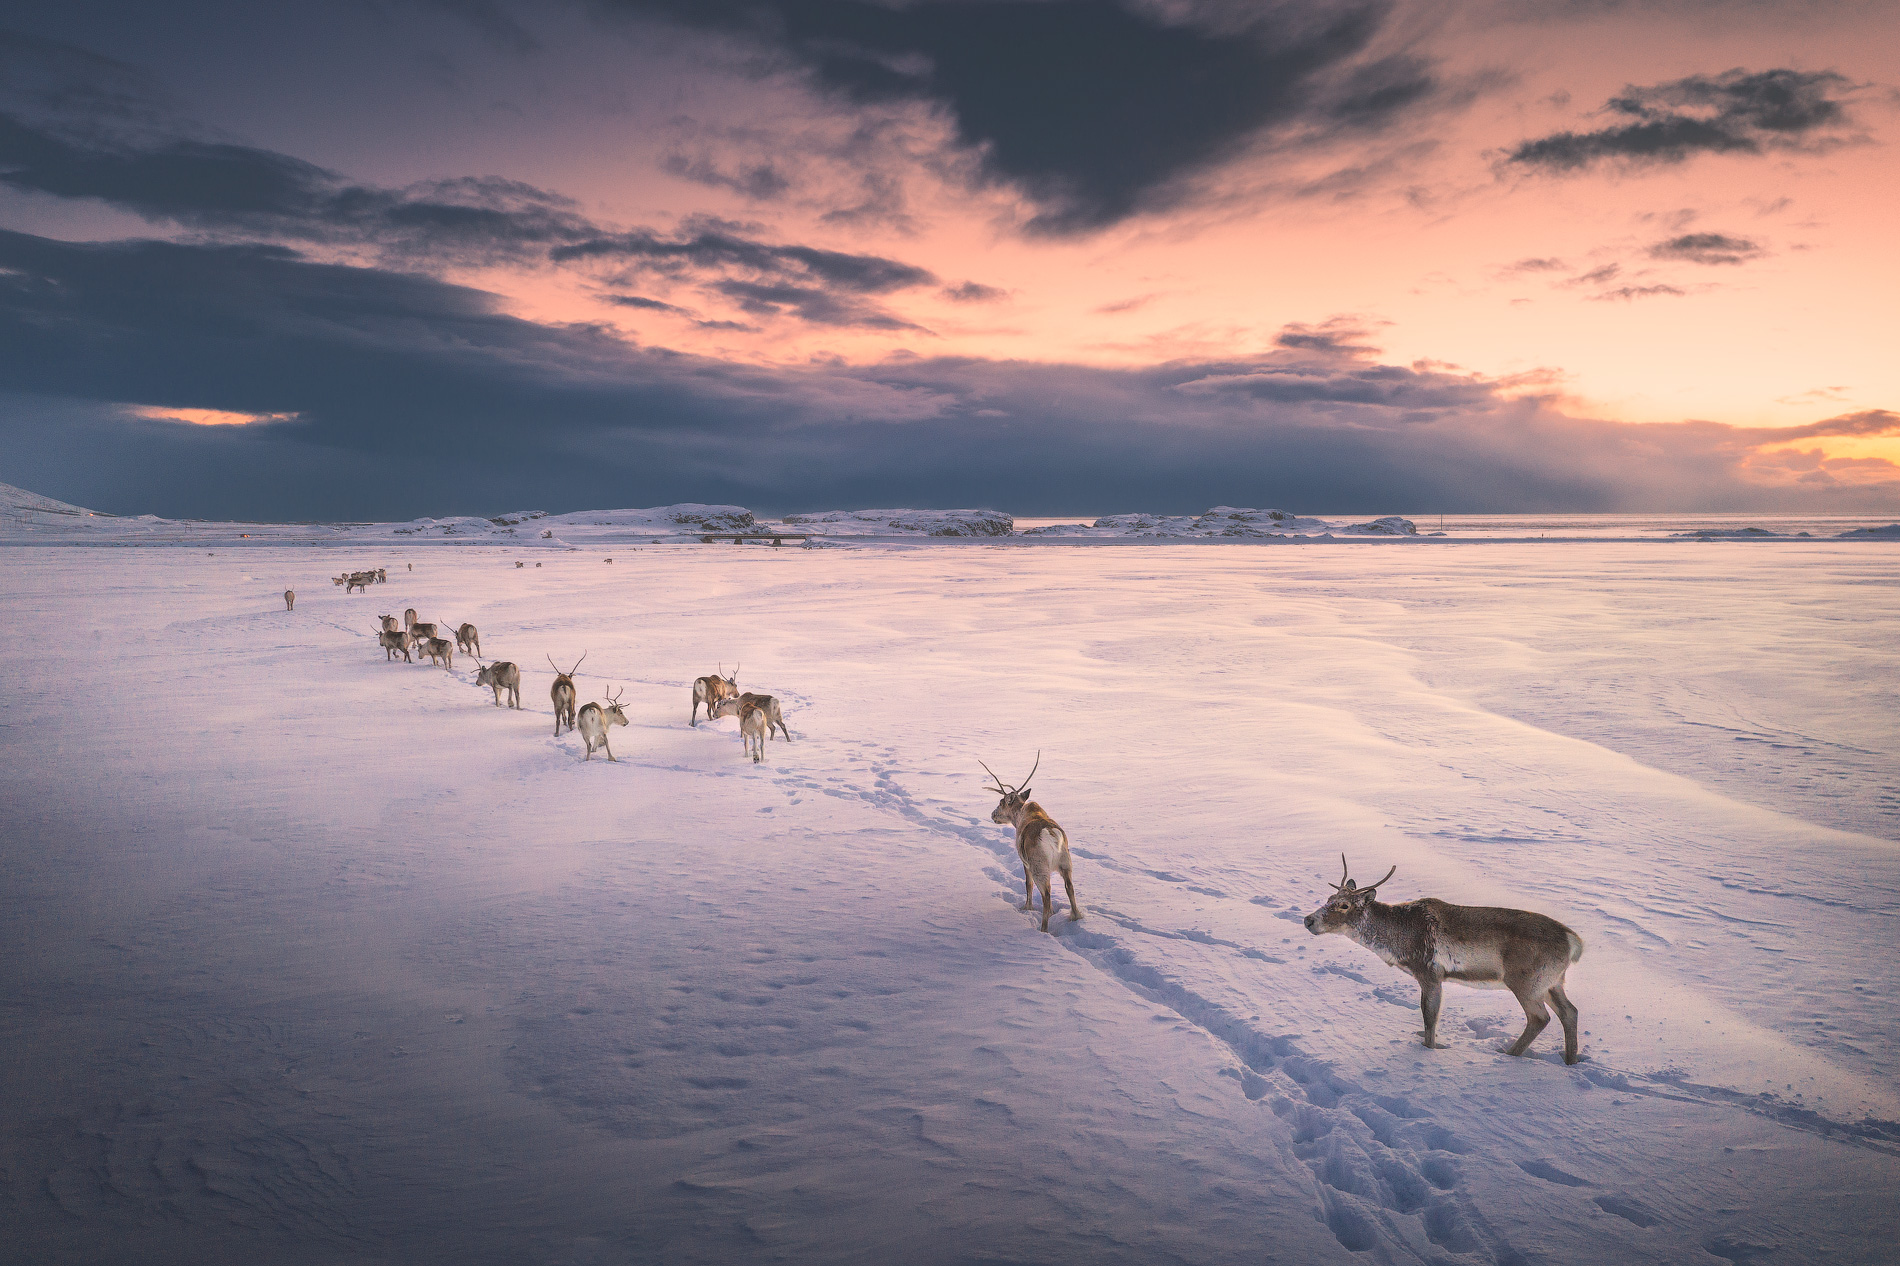 Les rennes sauvages errent librement dans les fjords de l'Est, les Islandais n'ayant jamais vraiment pratiqué l'élevage des rennes.